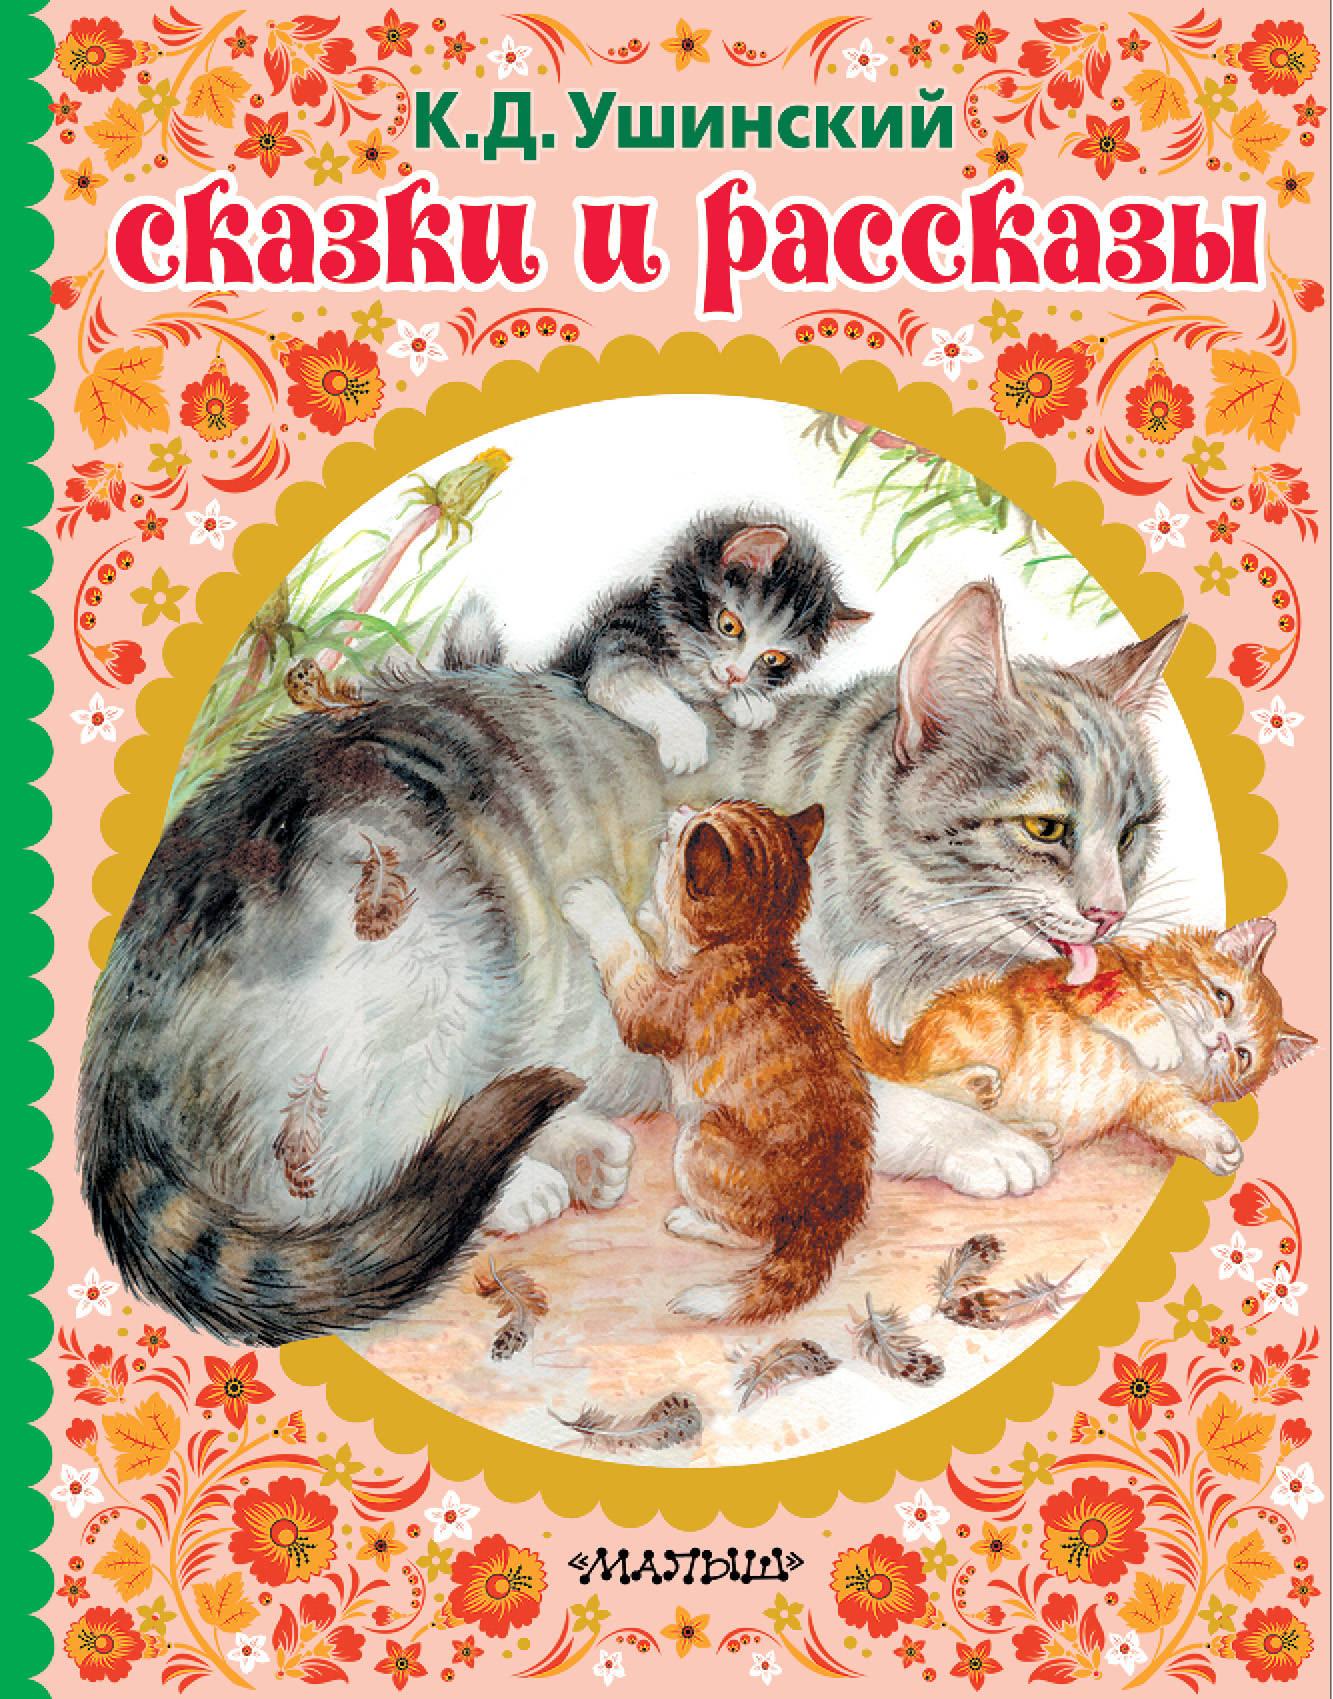 К. Д. Ушинский К. Д. Ушинский. Сказки и рассказы цена 2017